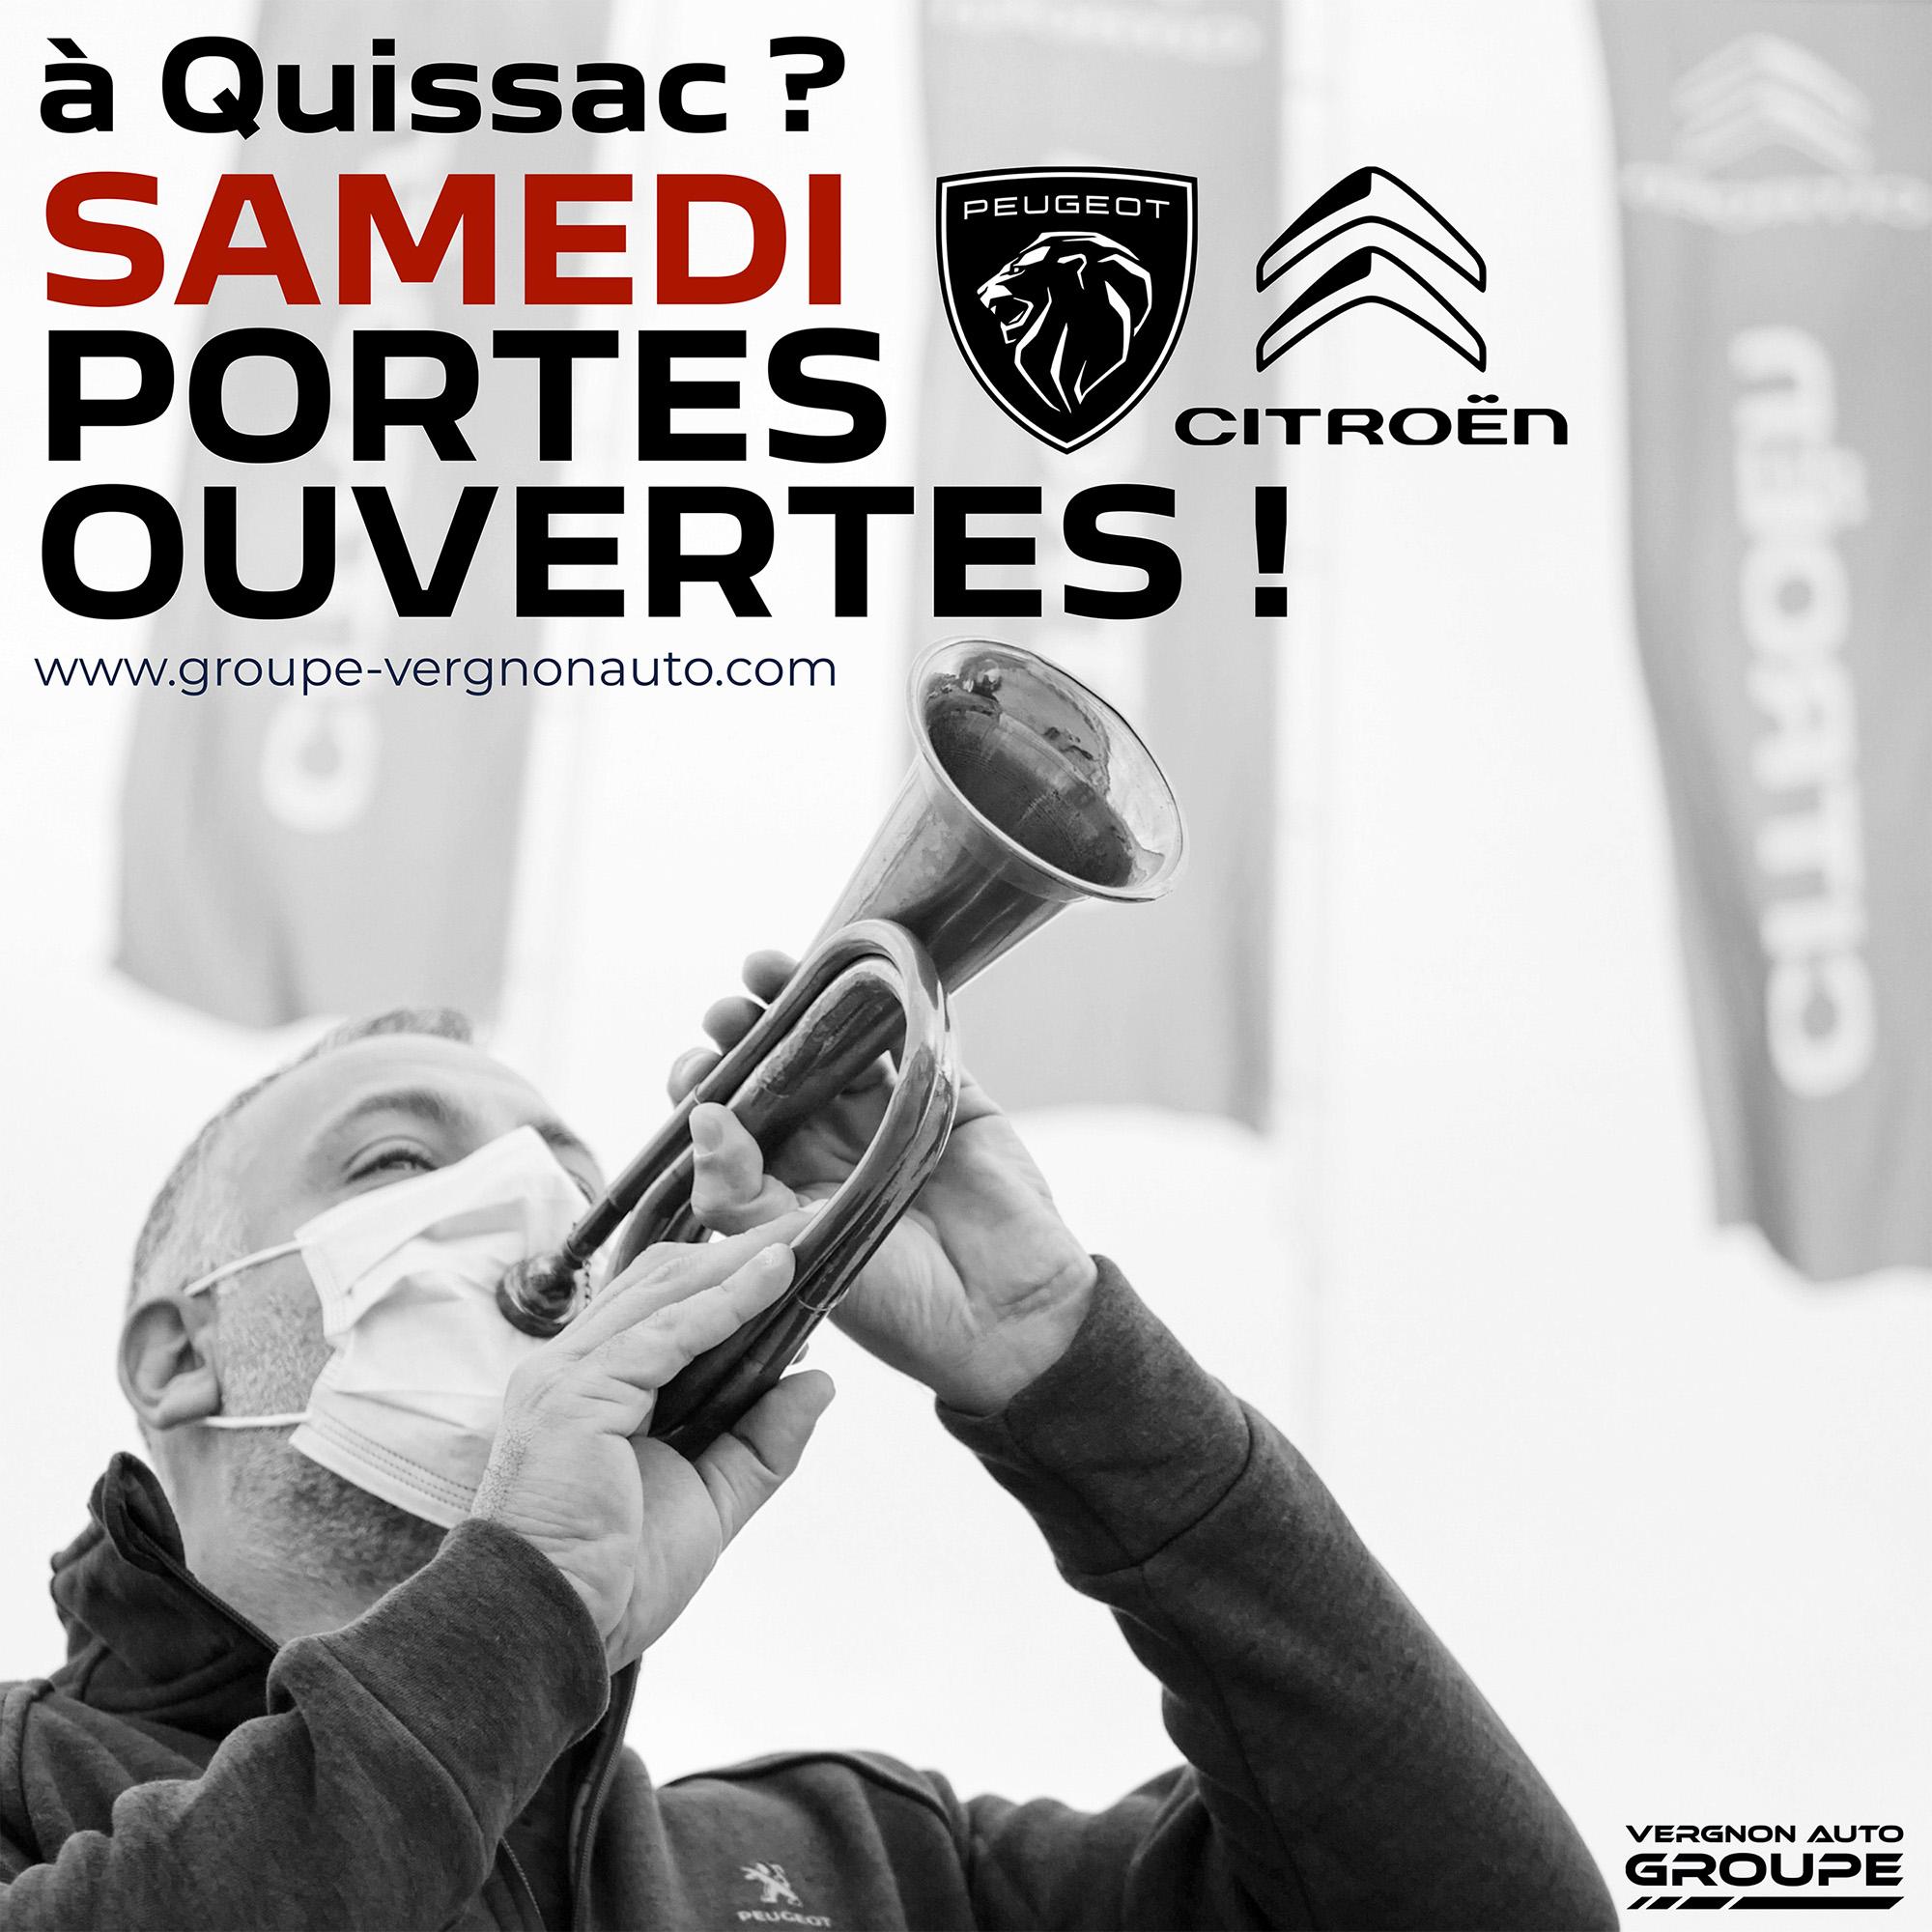 Portes ouvertes Peugeot Citroën Quissac Gard